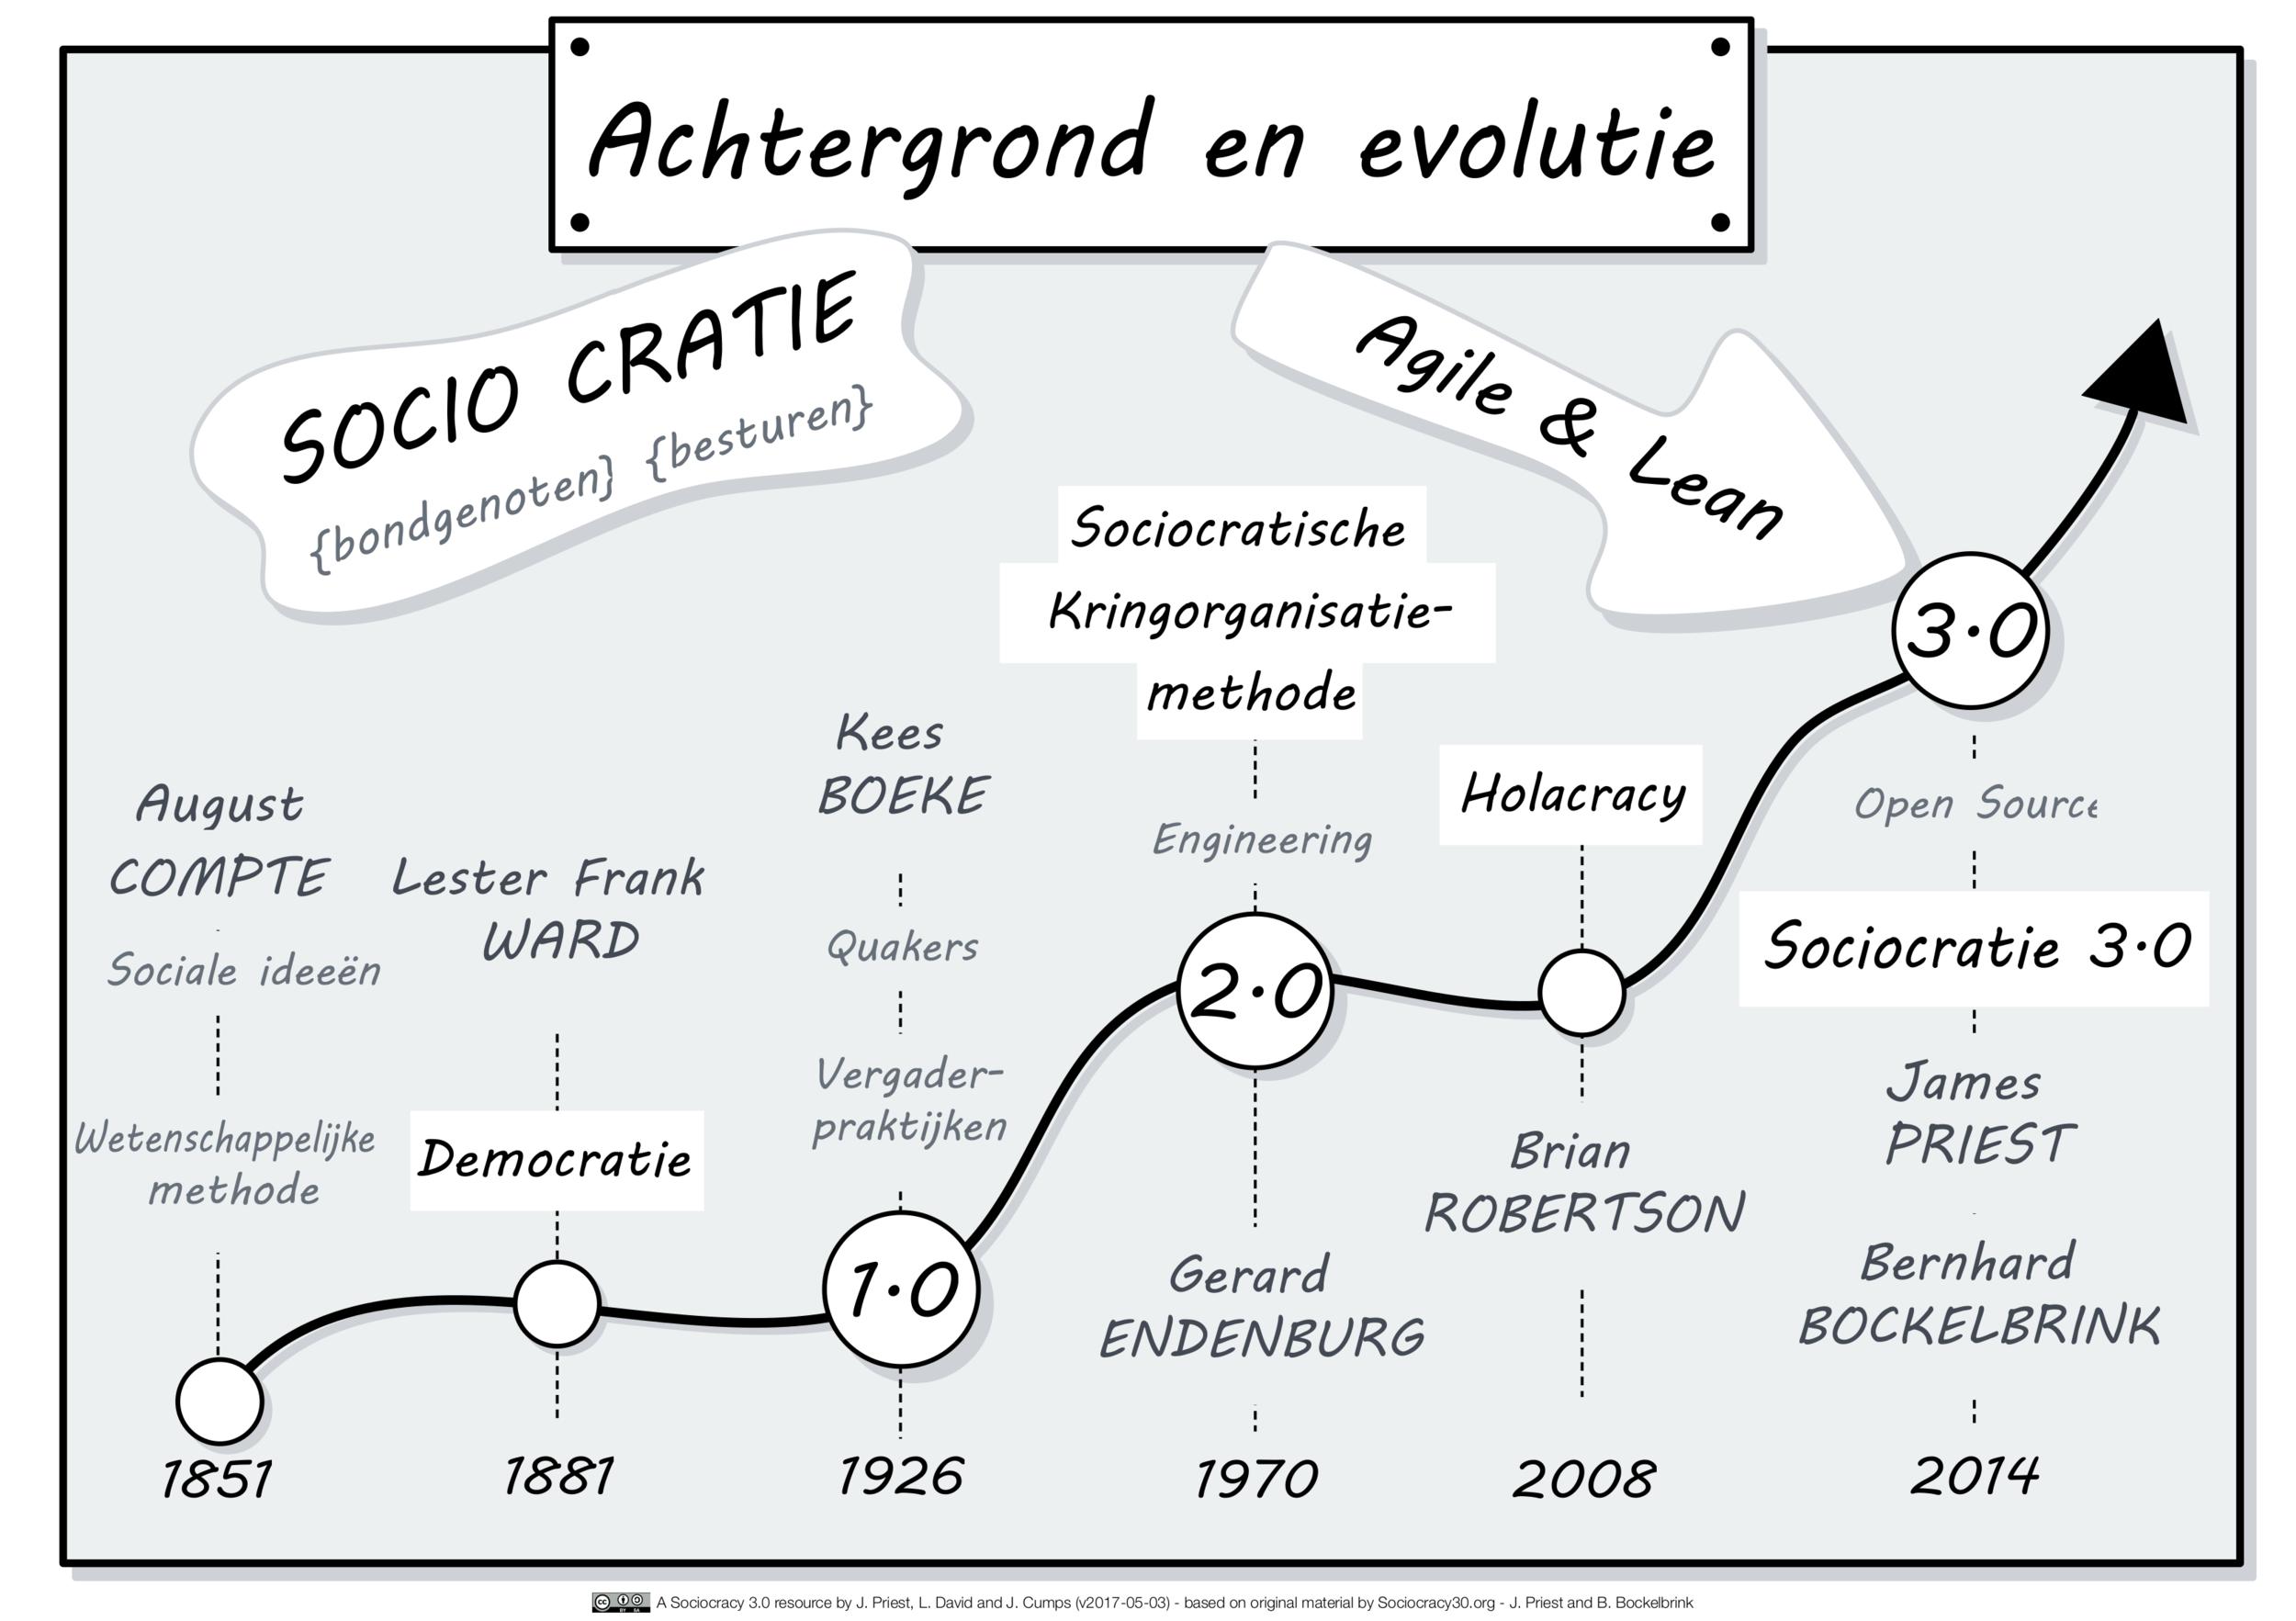 Geschiedenis & Evolutie_NL.png